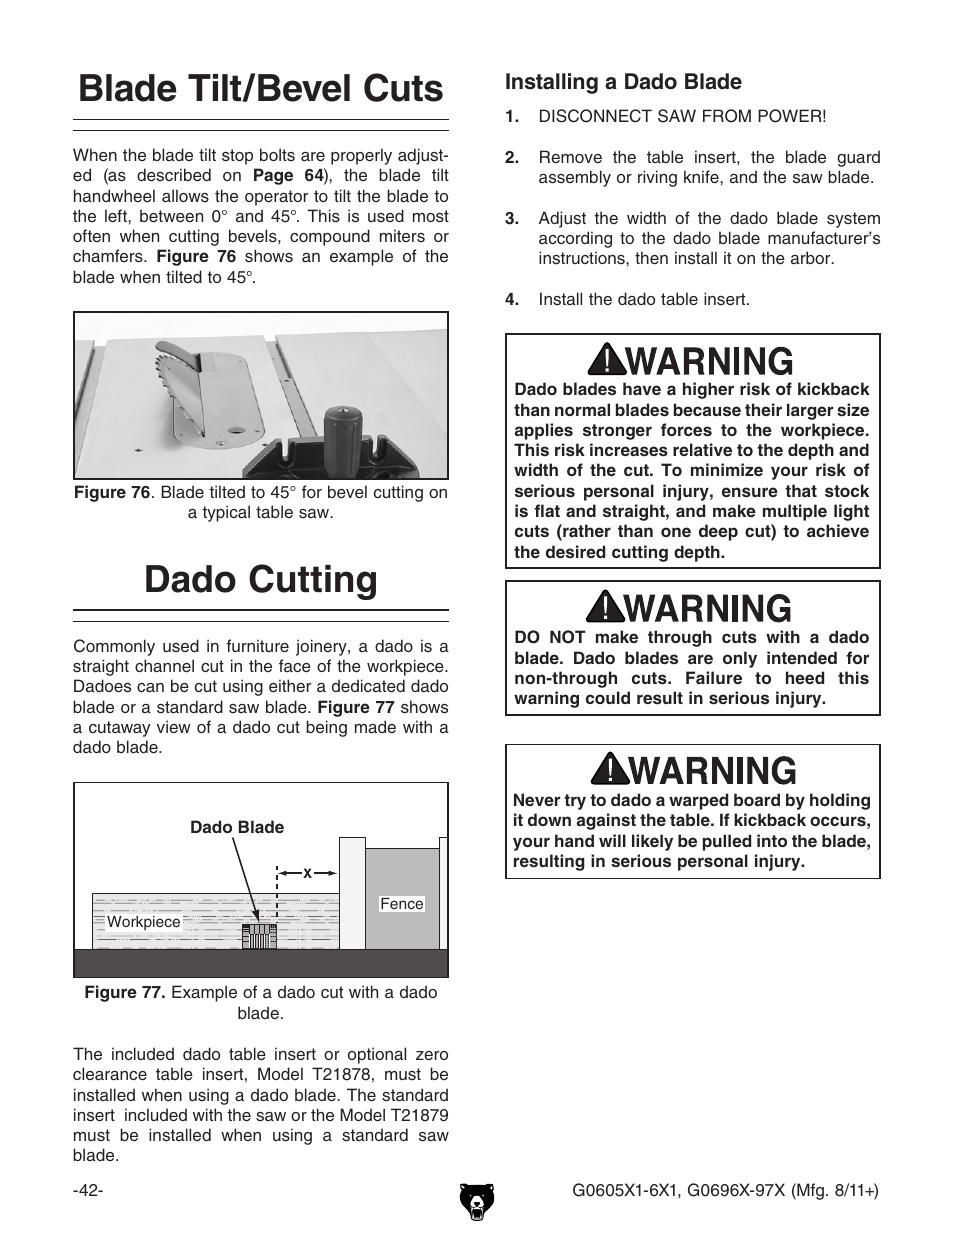 Blade tiltbevel cuts dado cutting grizzly g0696x user manual blade tiltbevel cuts dado cutting grizzly g0696x user manual page 45 101 greentooth Gallery